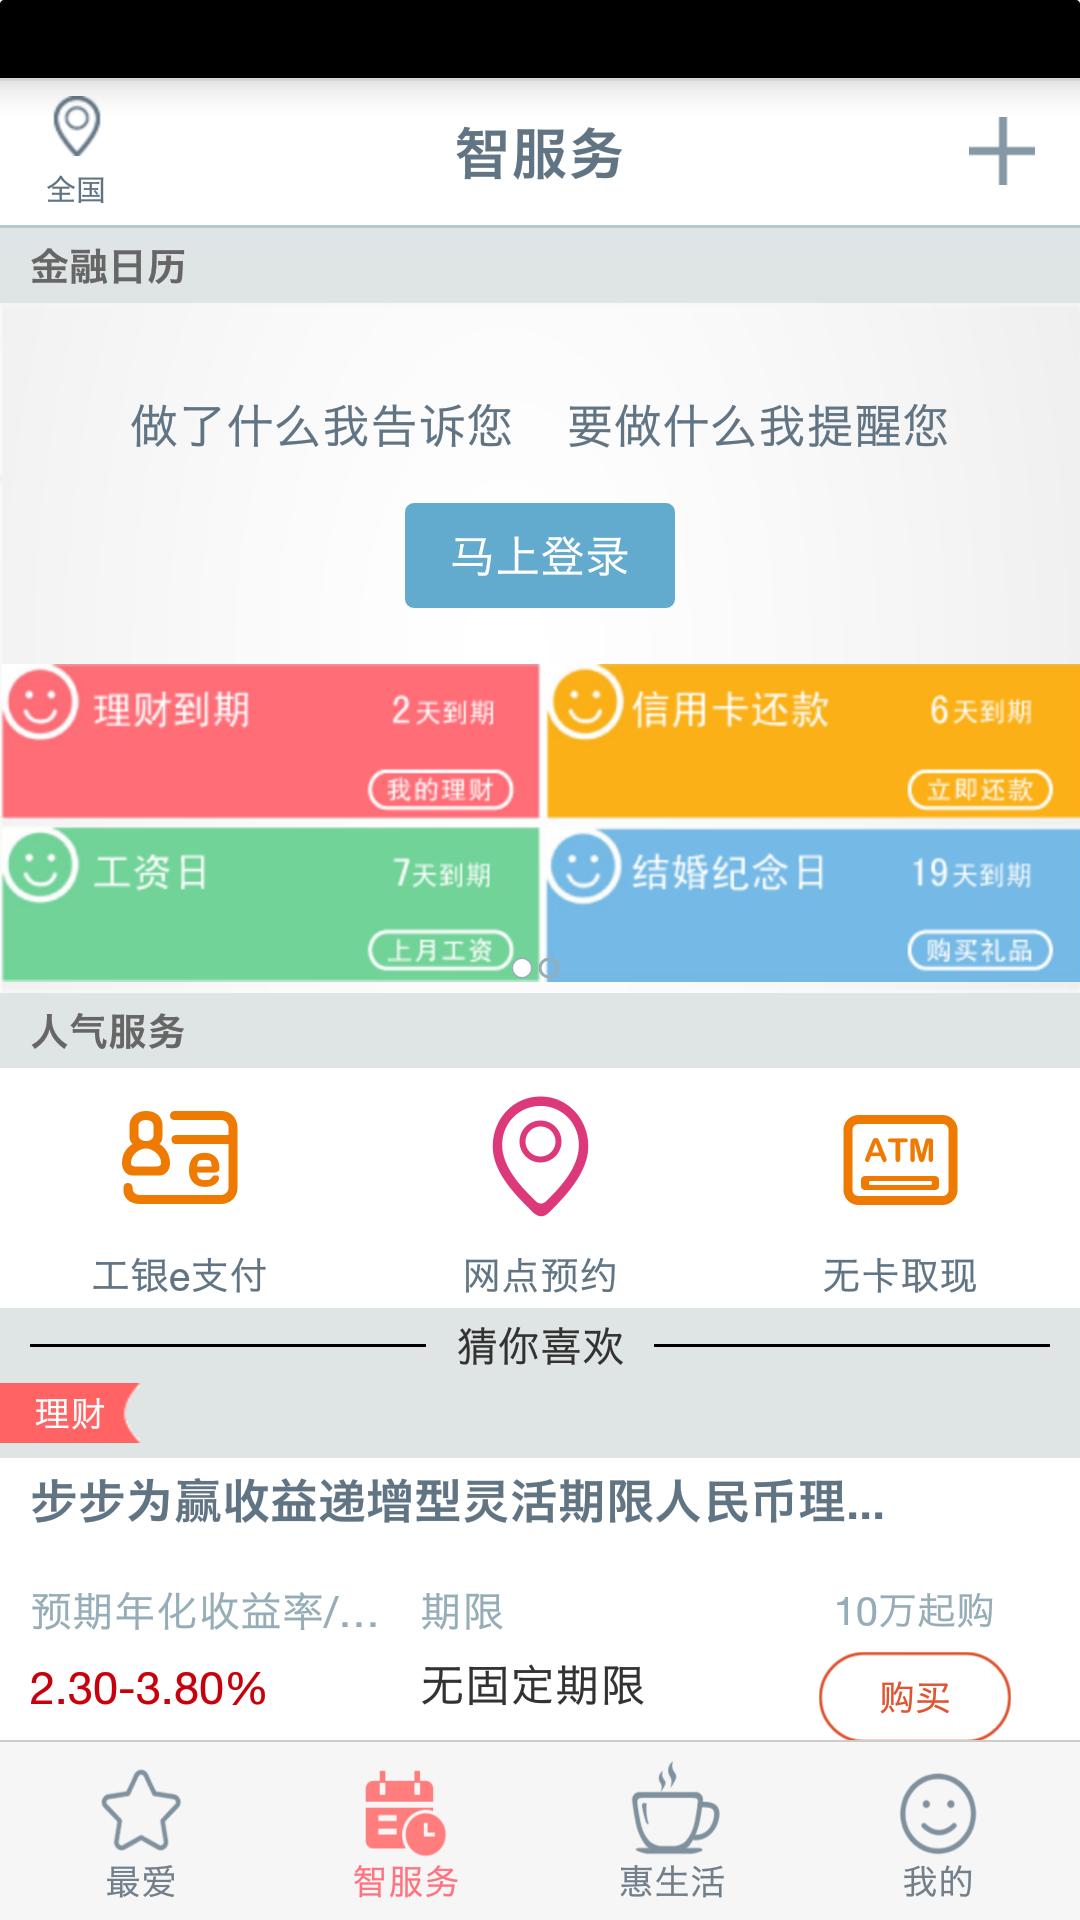 中国工商银行 v3.1.0.5.0